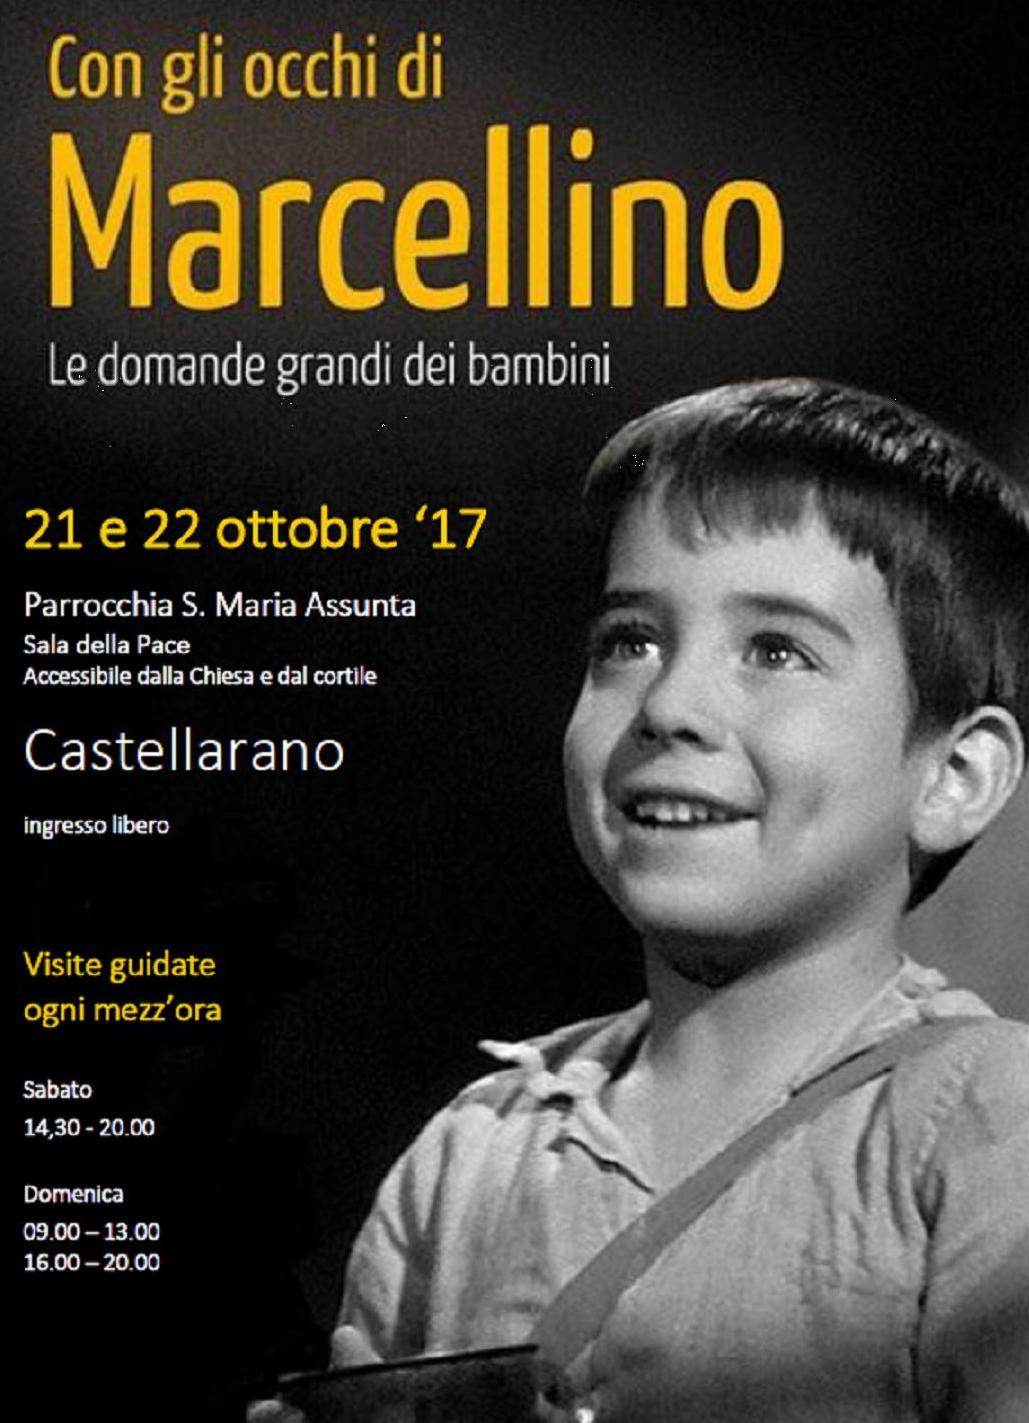 mostra-marcellino-2017